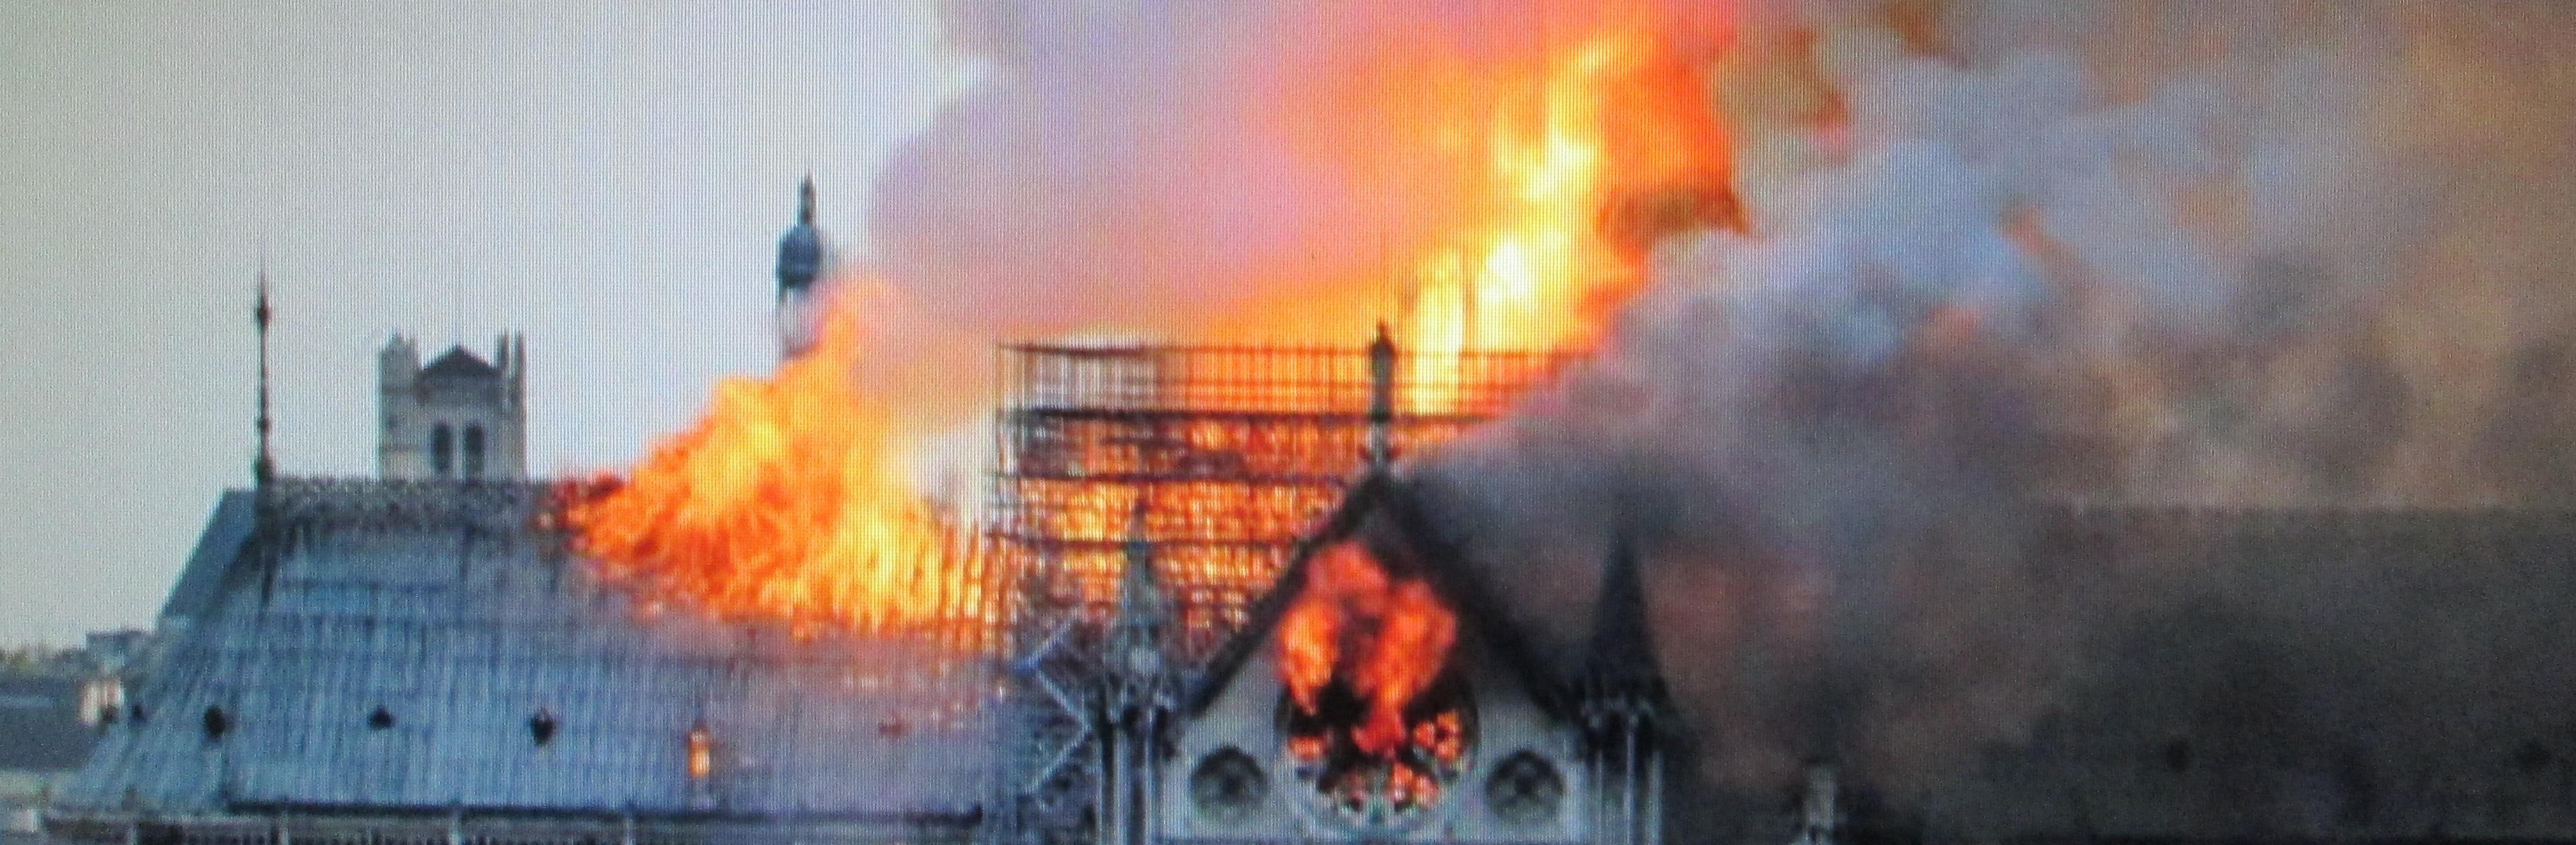 Raccolto un miliardo di euro per il restauro della cattedrale di Notre Dame